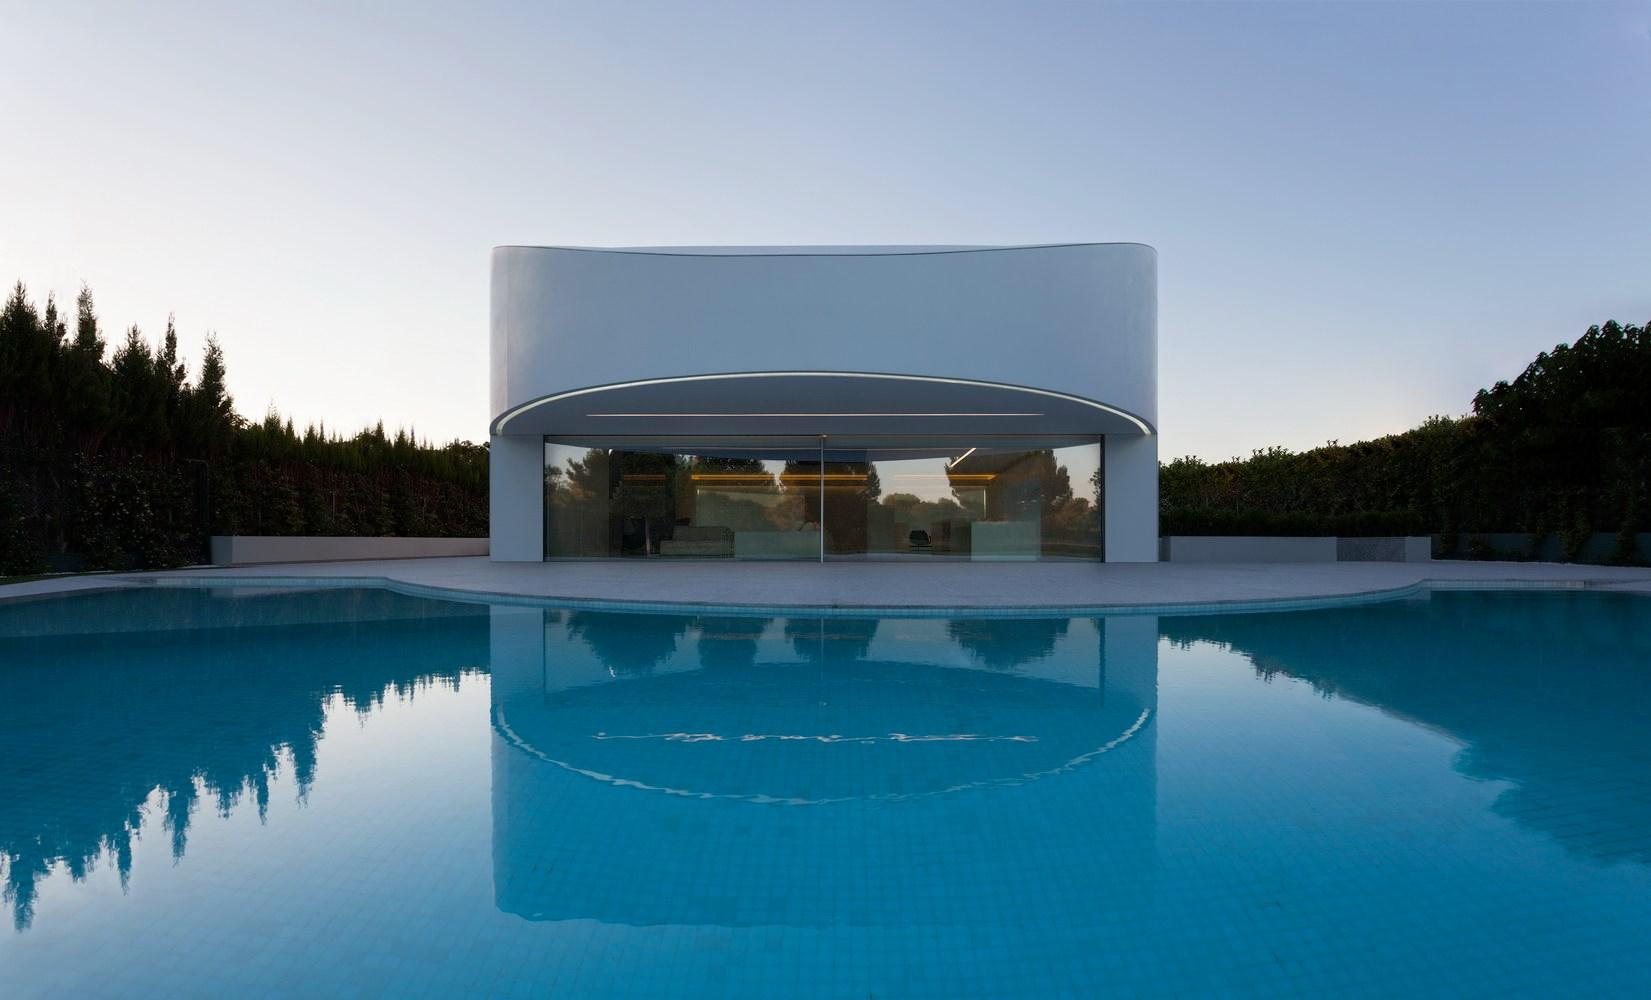 Diseño de interiores: Fran Silvestre Arquitectos una empresa de lujo diseño de interiores Diseño de interiores: Fran Silvestre Arquitectos una empresa de lujo 67099318 2697172960306703 8560462629494063104 o